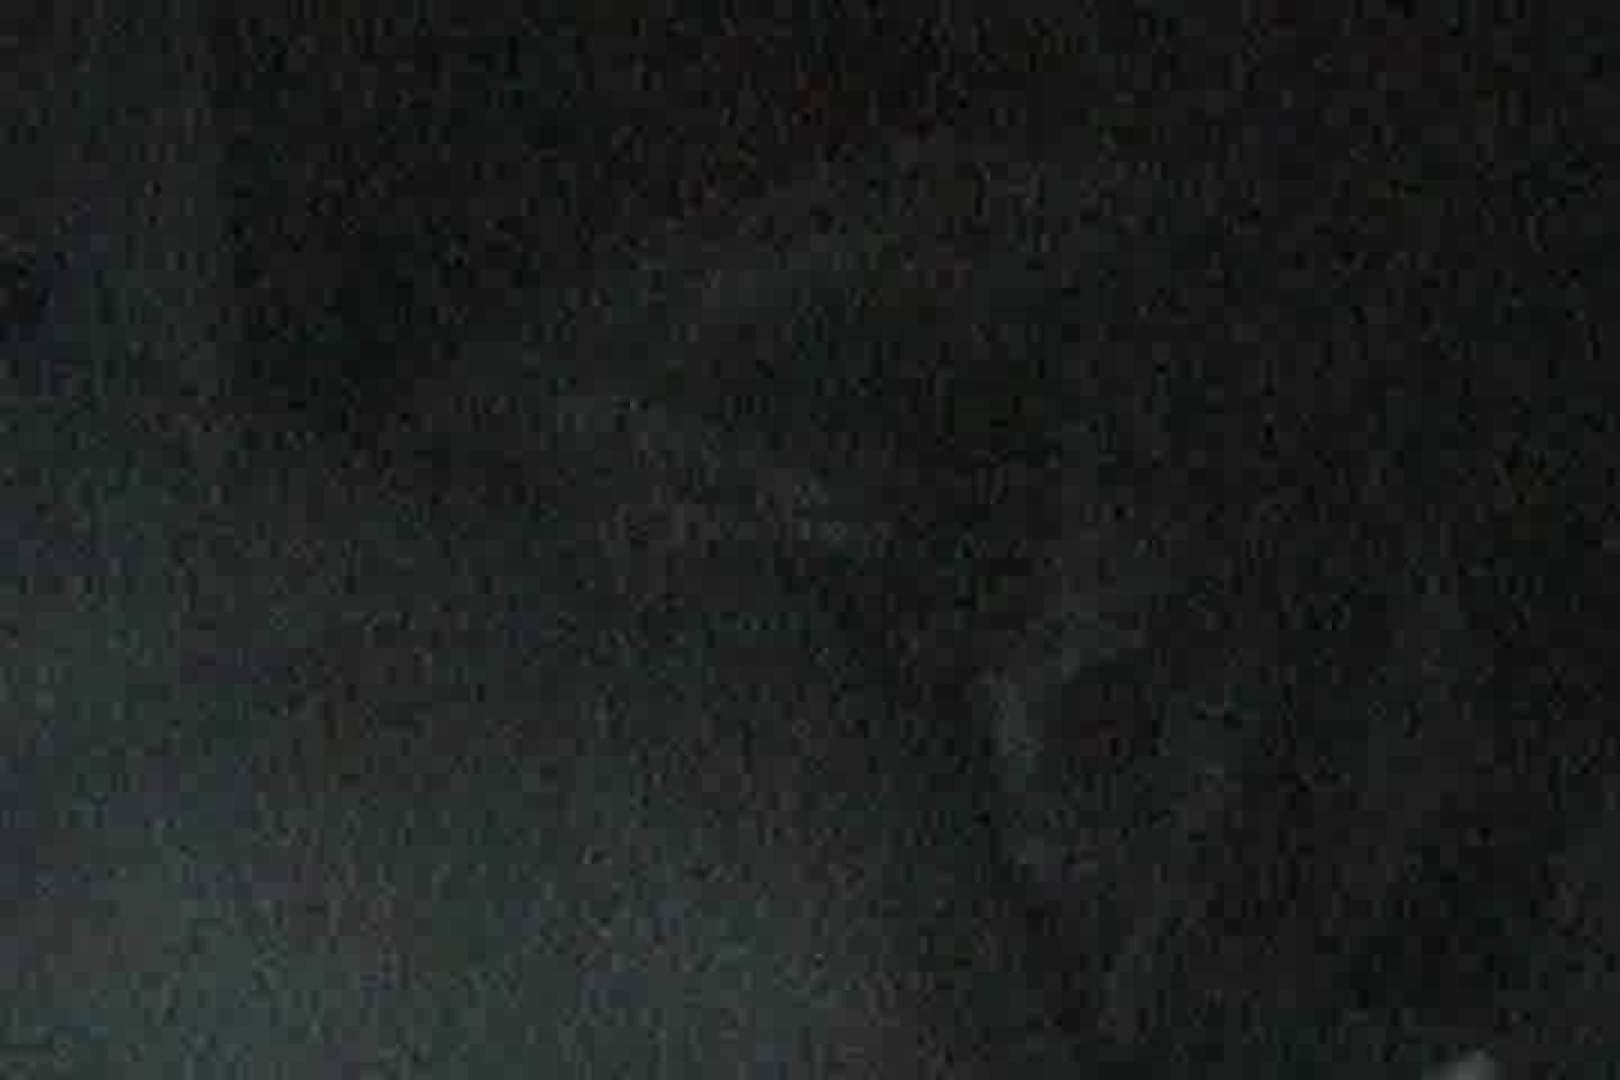 充血監督の深夜の運動会Vol.21 カップル オメコ無修正動画無料 95pic 93